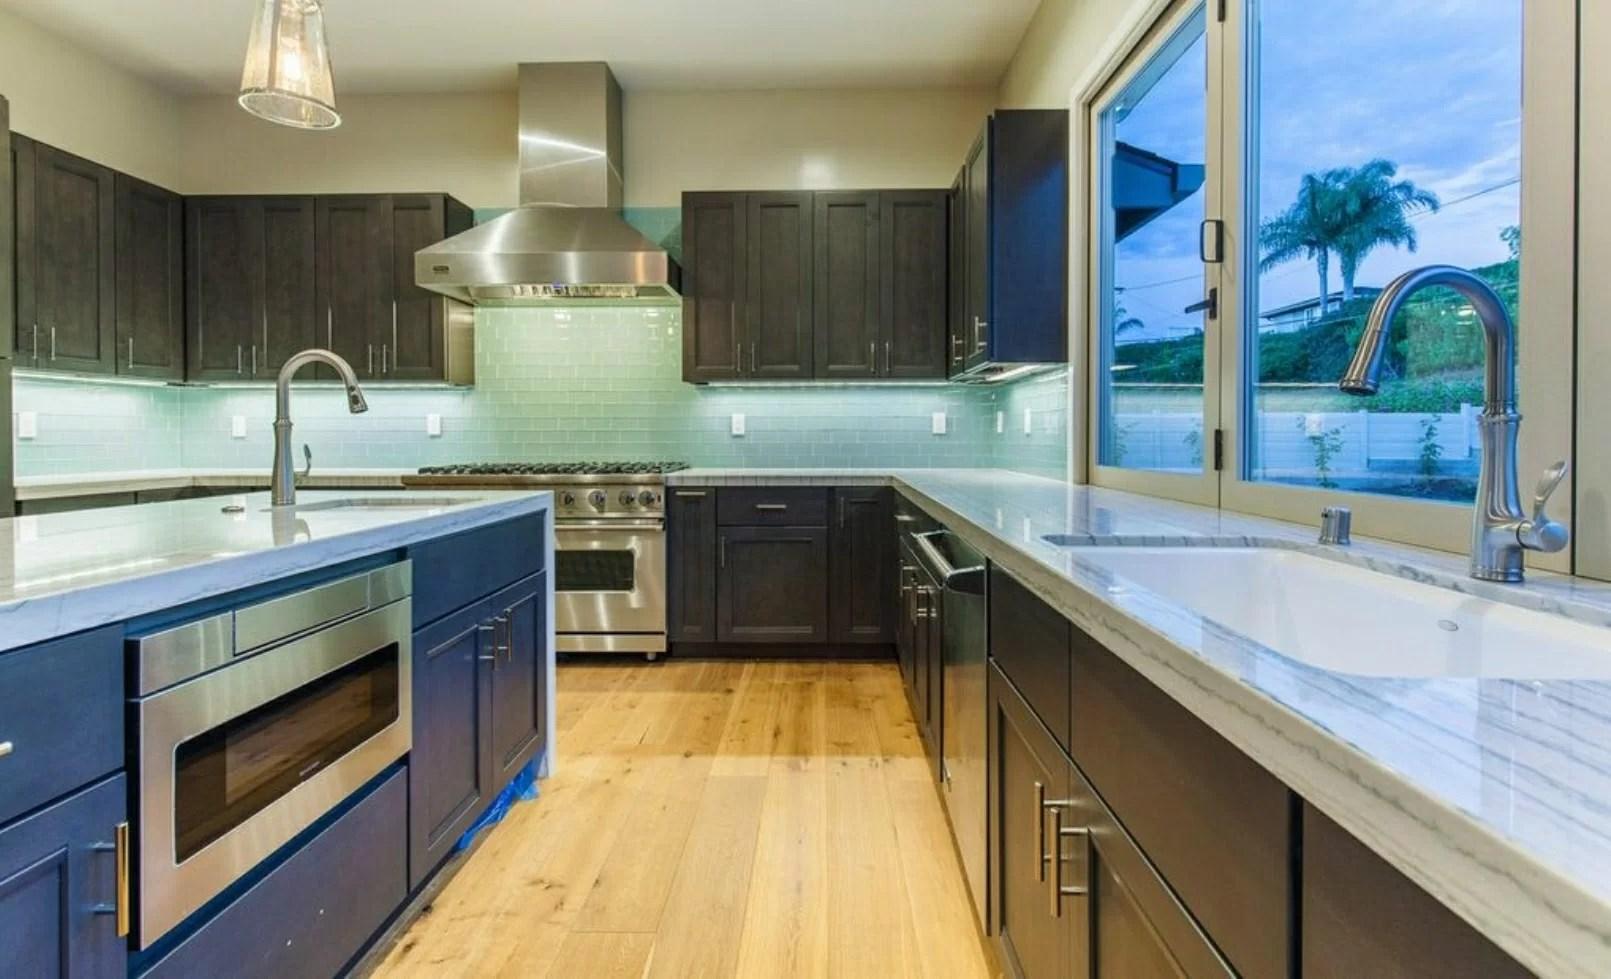 Best Kitchen Gallery: Kitchen Cabi S San Diego Cabi Makers San Diego Carlsbad Ca of Kitchen Cabinets San Diego on cal-ite.com